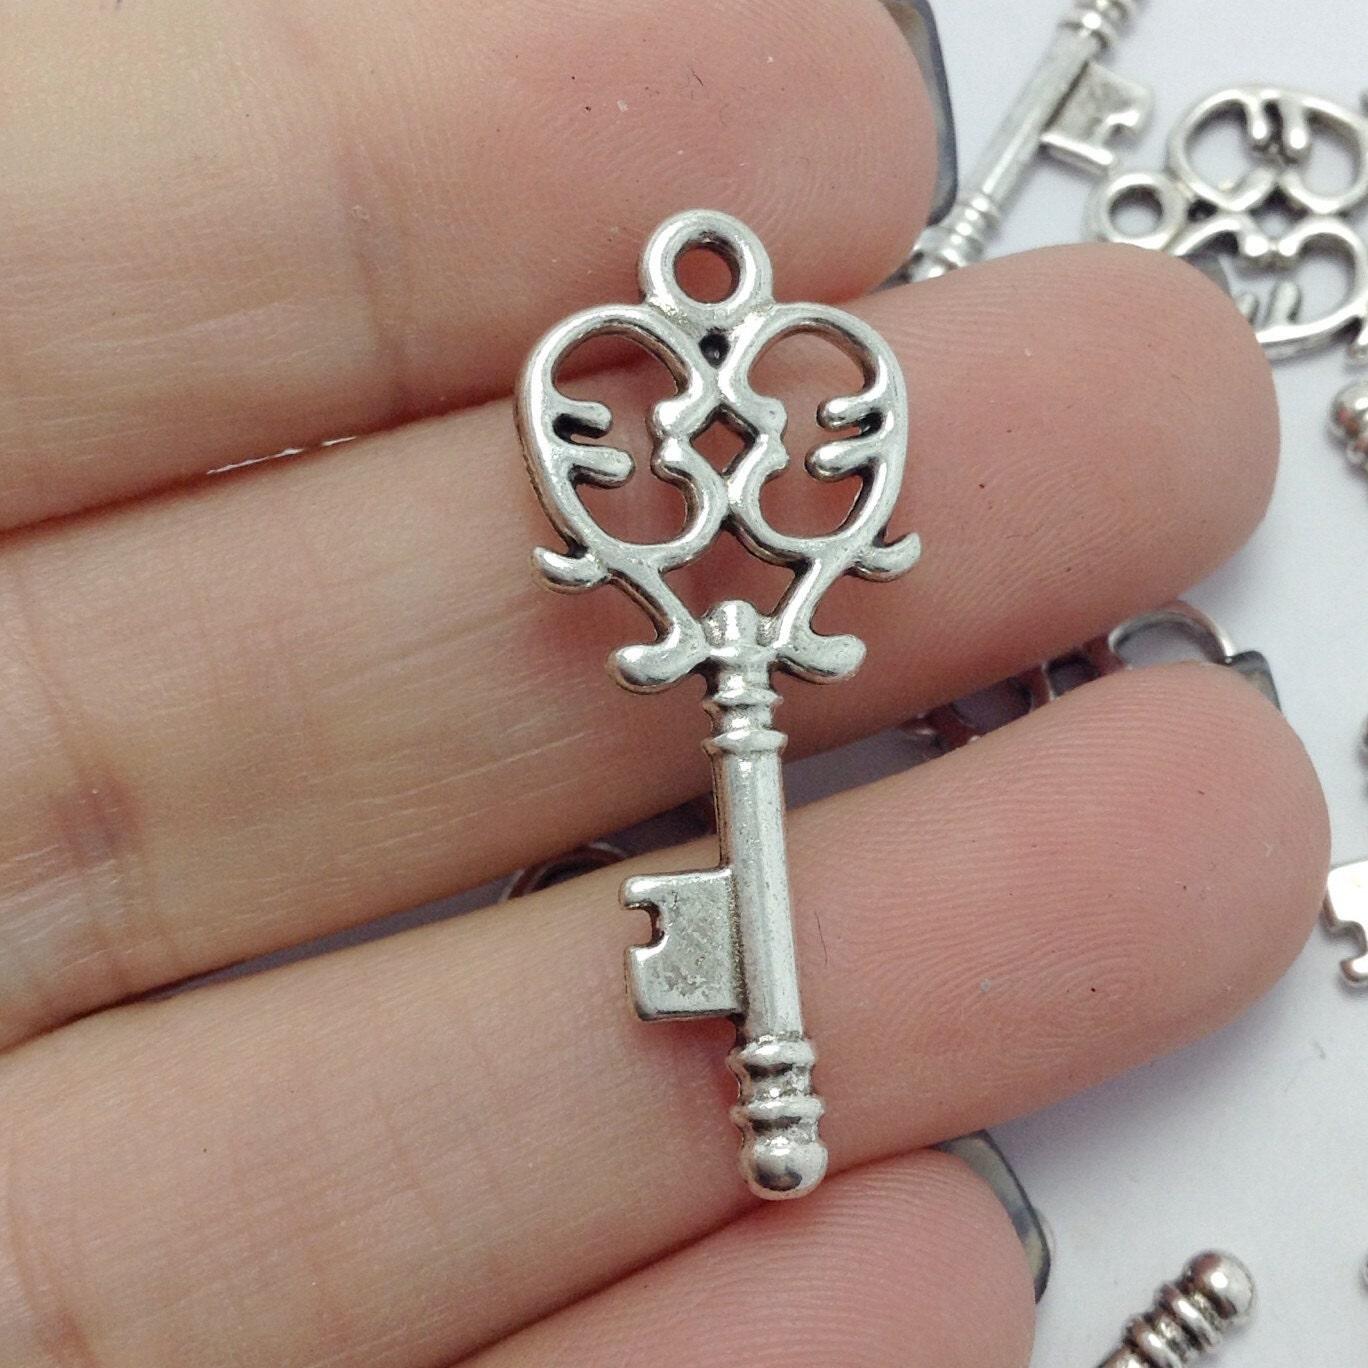 bulk 40 key charms skeleton key charms silver key charms